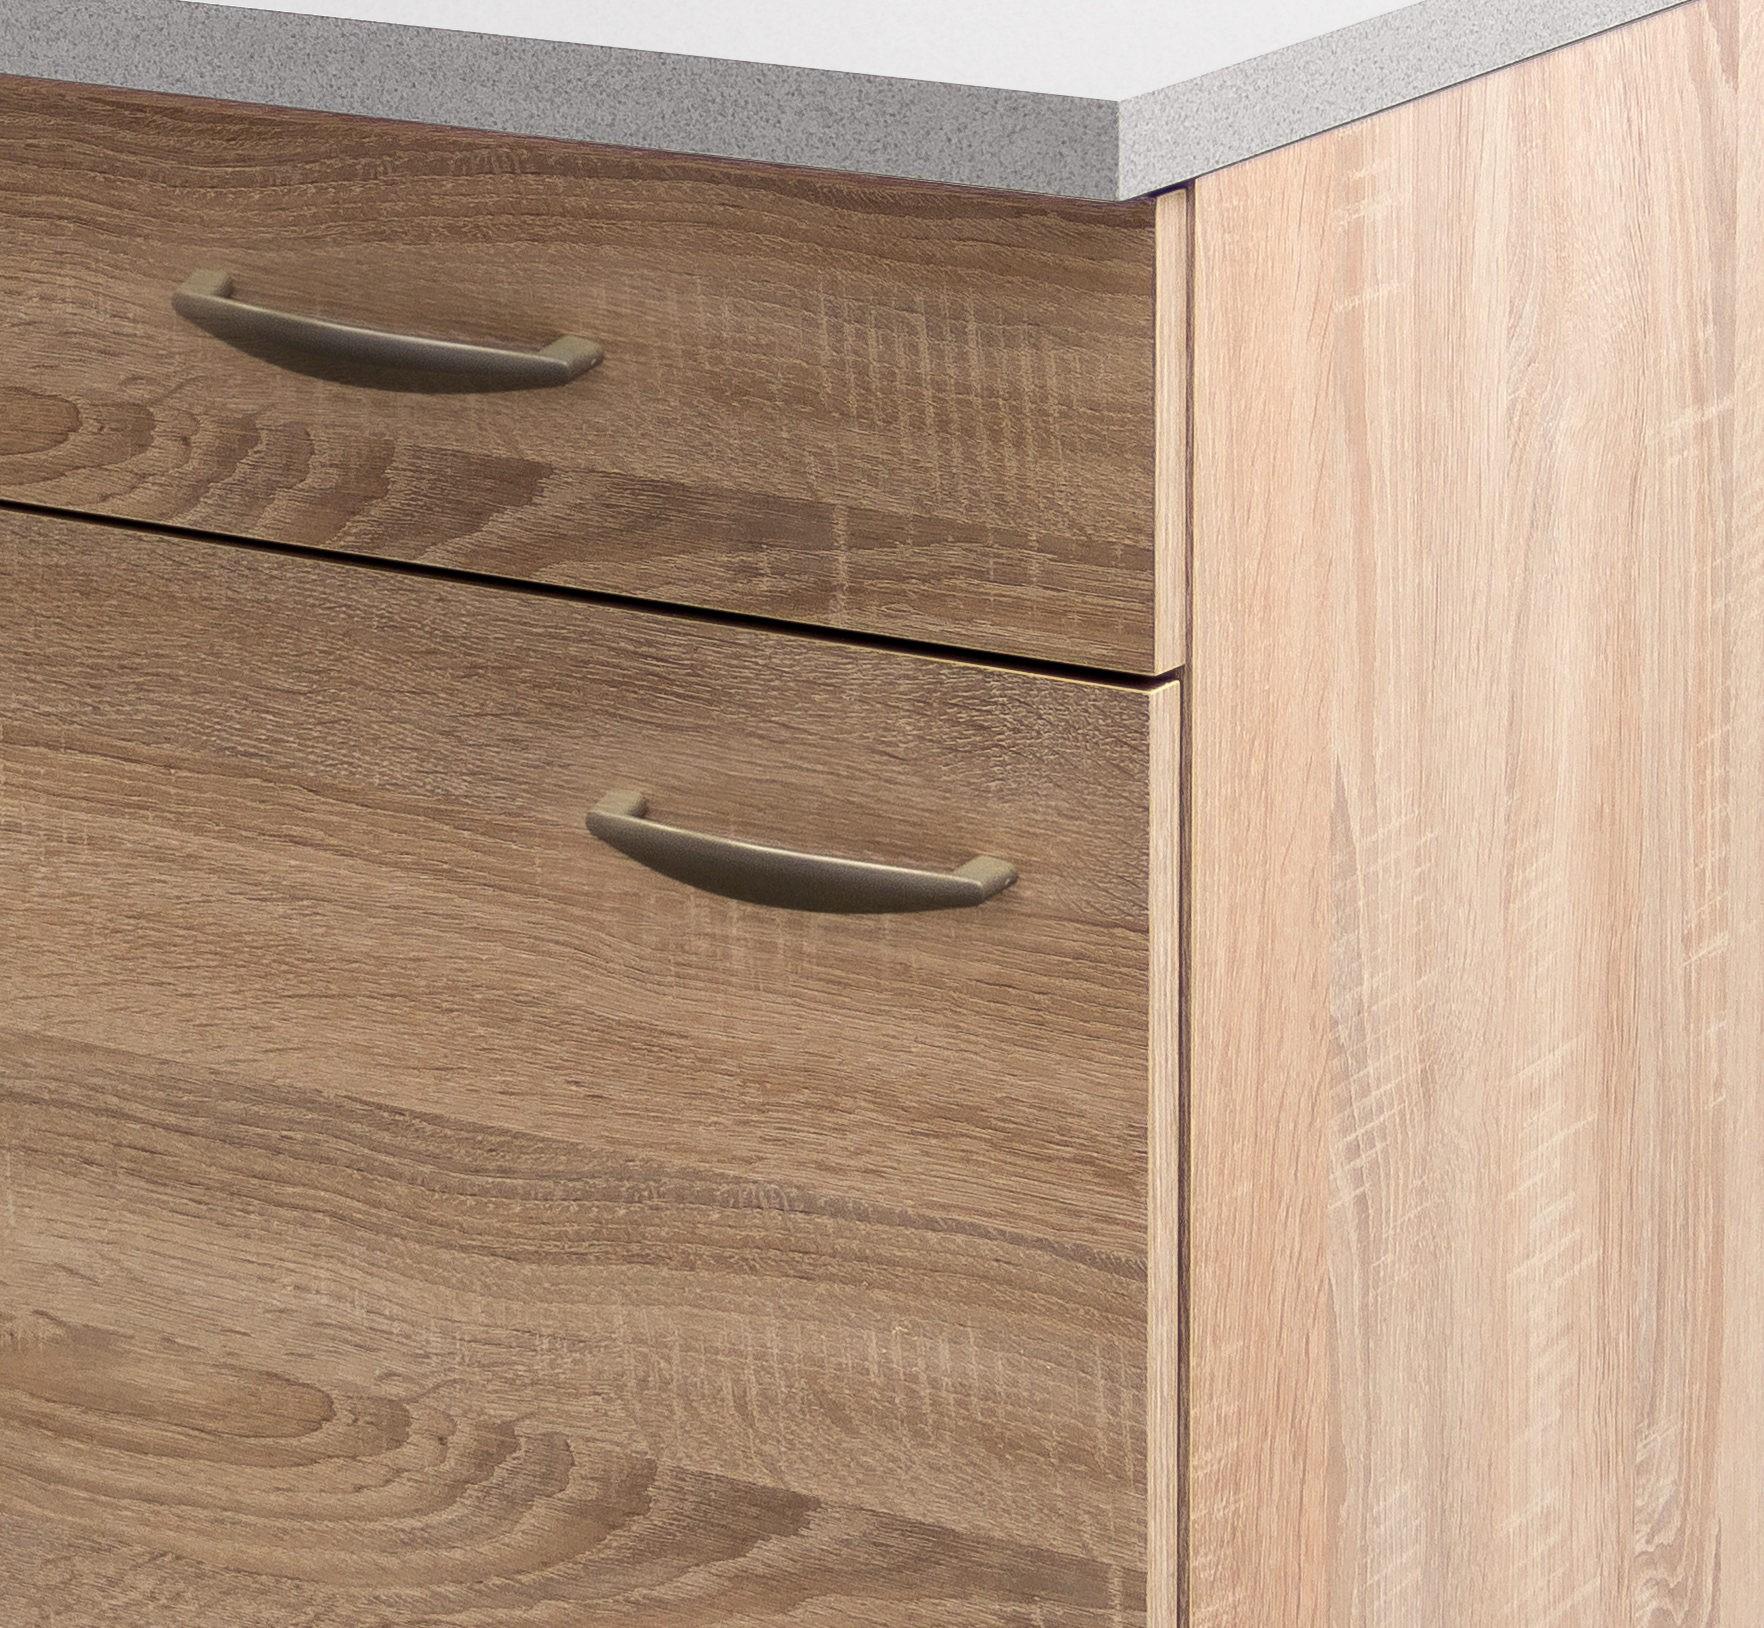 k chenschrank herne k chen unterschrank 1 t r 1 schubkasten 50x50cm eiche sonoma ebay. Black Bedroom Furniture Sets. Home Design Ideas